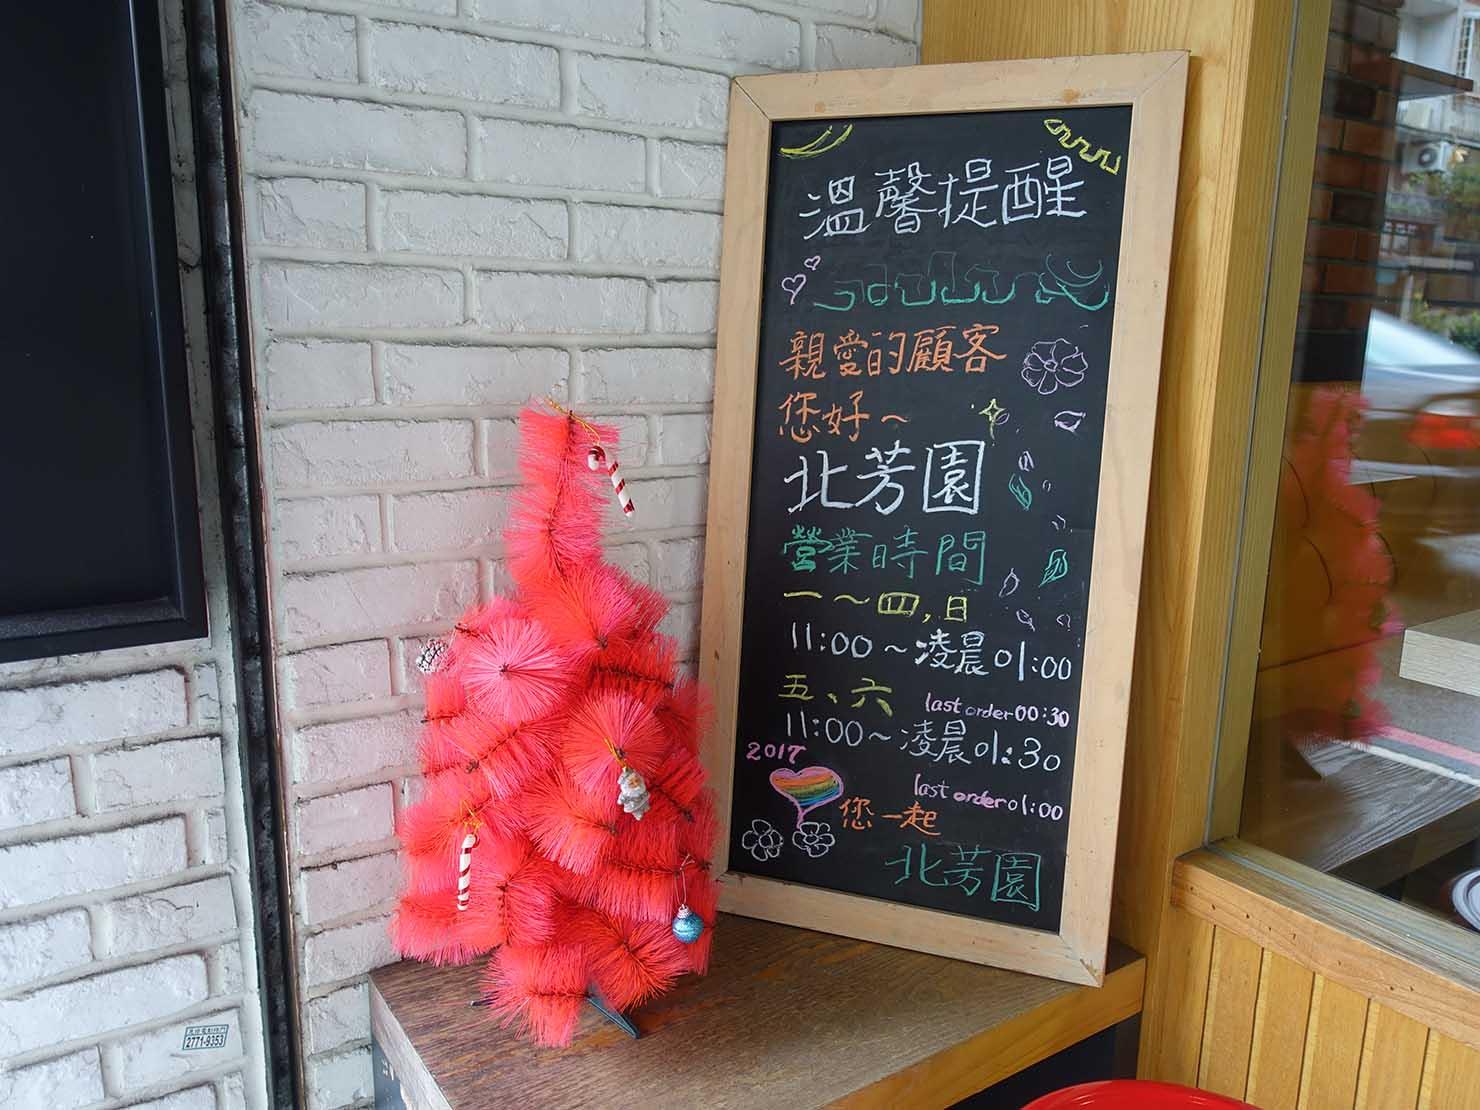 台北の有名牛肉麵店「北芳園」の看板